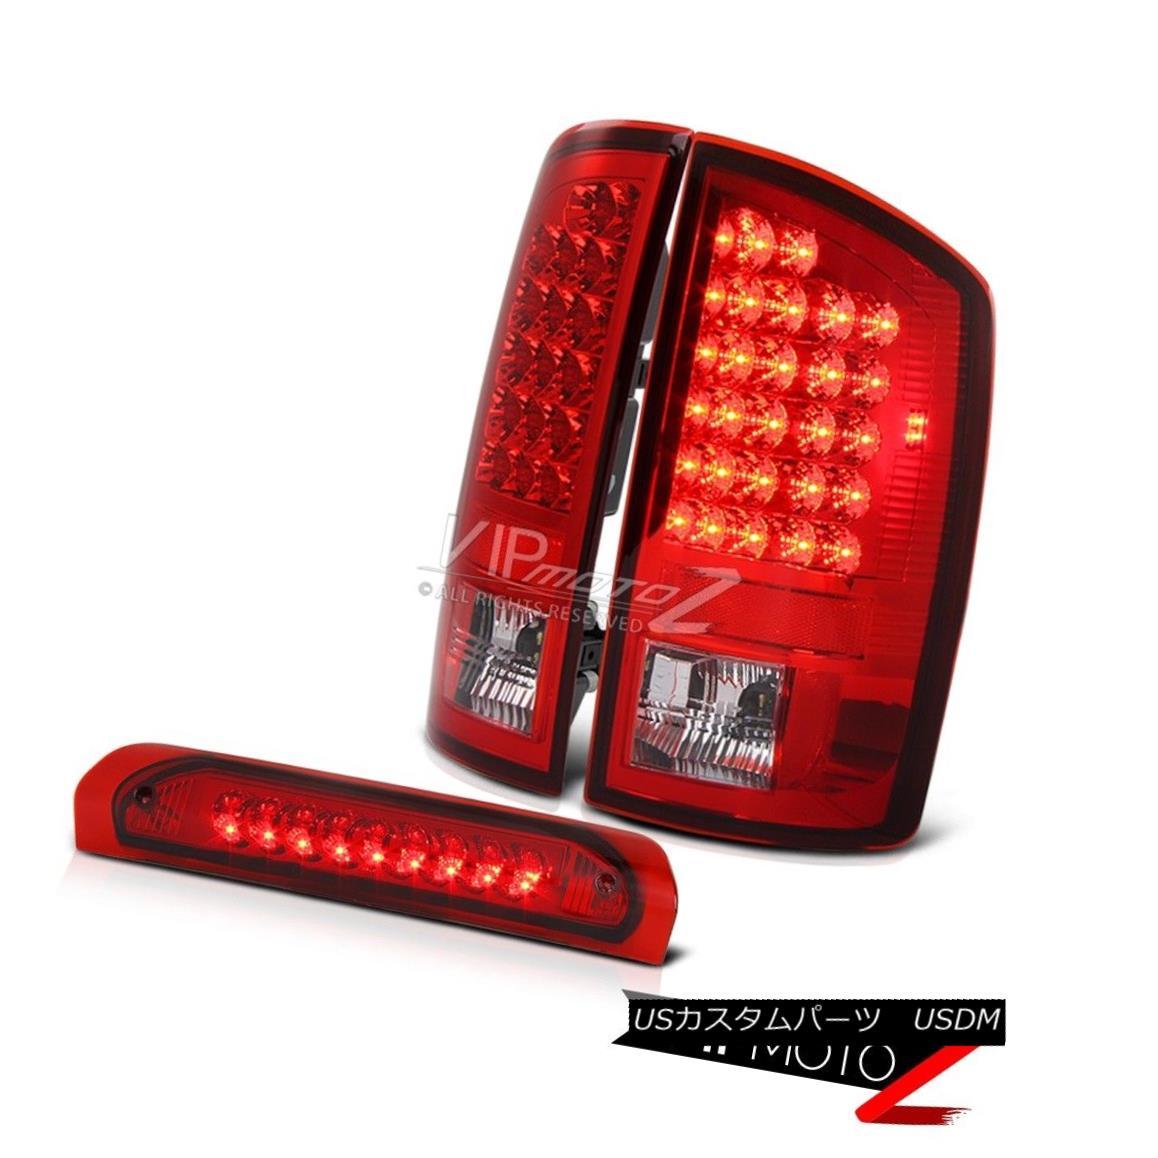 テールライト 2003-05 Dodge Ram 2500/3500 Factory Style Led Tail Lights+RED Led 3rd Brake Lamp 2003-05ダッジラム2500/3500工場スタイルのテールライト+レッド3番目のブレーキランプ